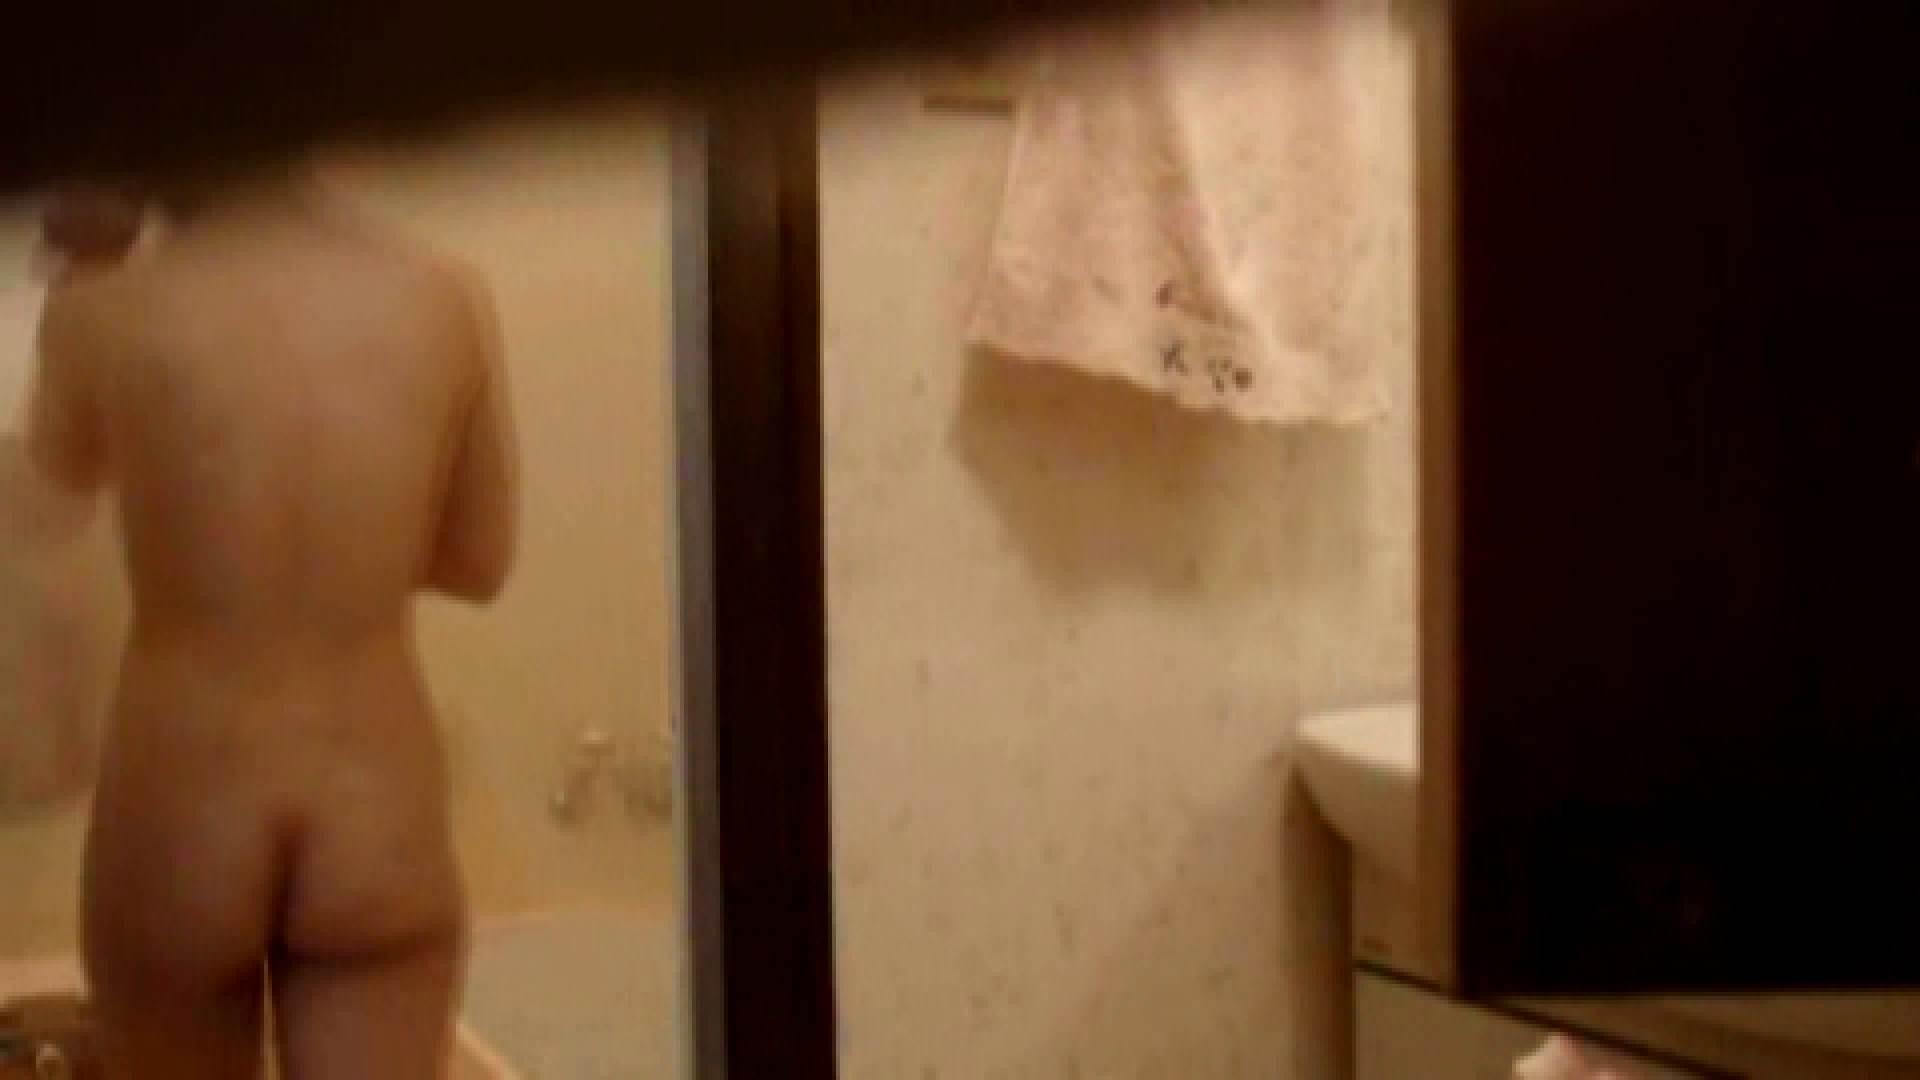 二人とも育てた甲斐がありました… vol.08 まどかの入浴中にカメラに気付いたか!? OLのエロ生活   ギャル入浴  71連発 9